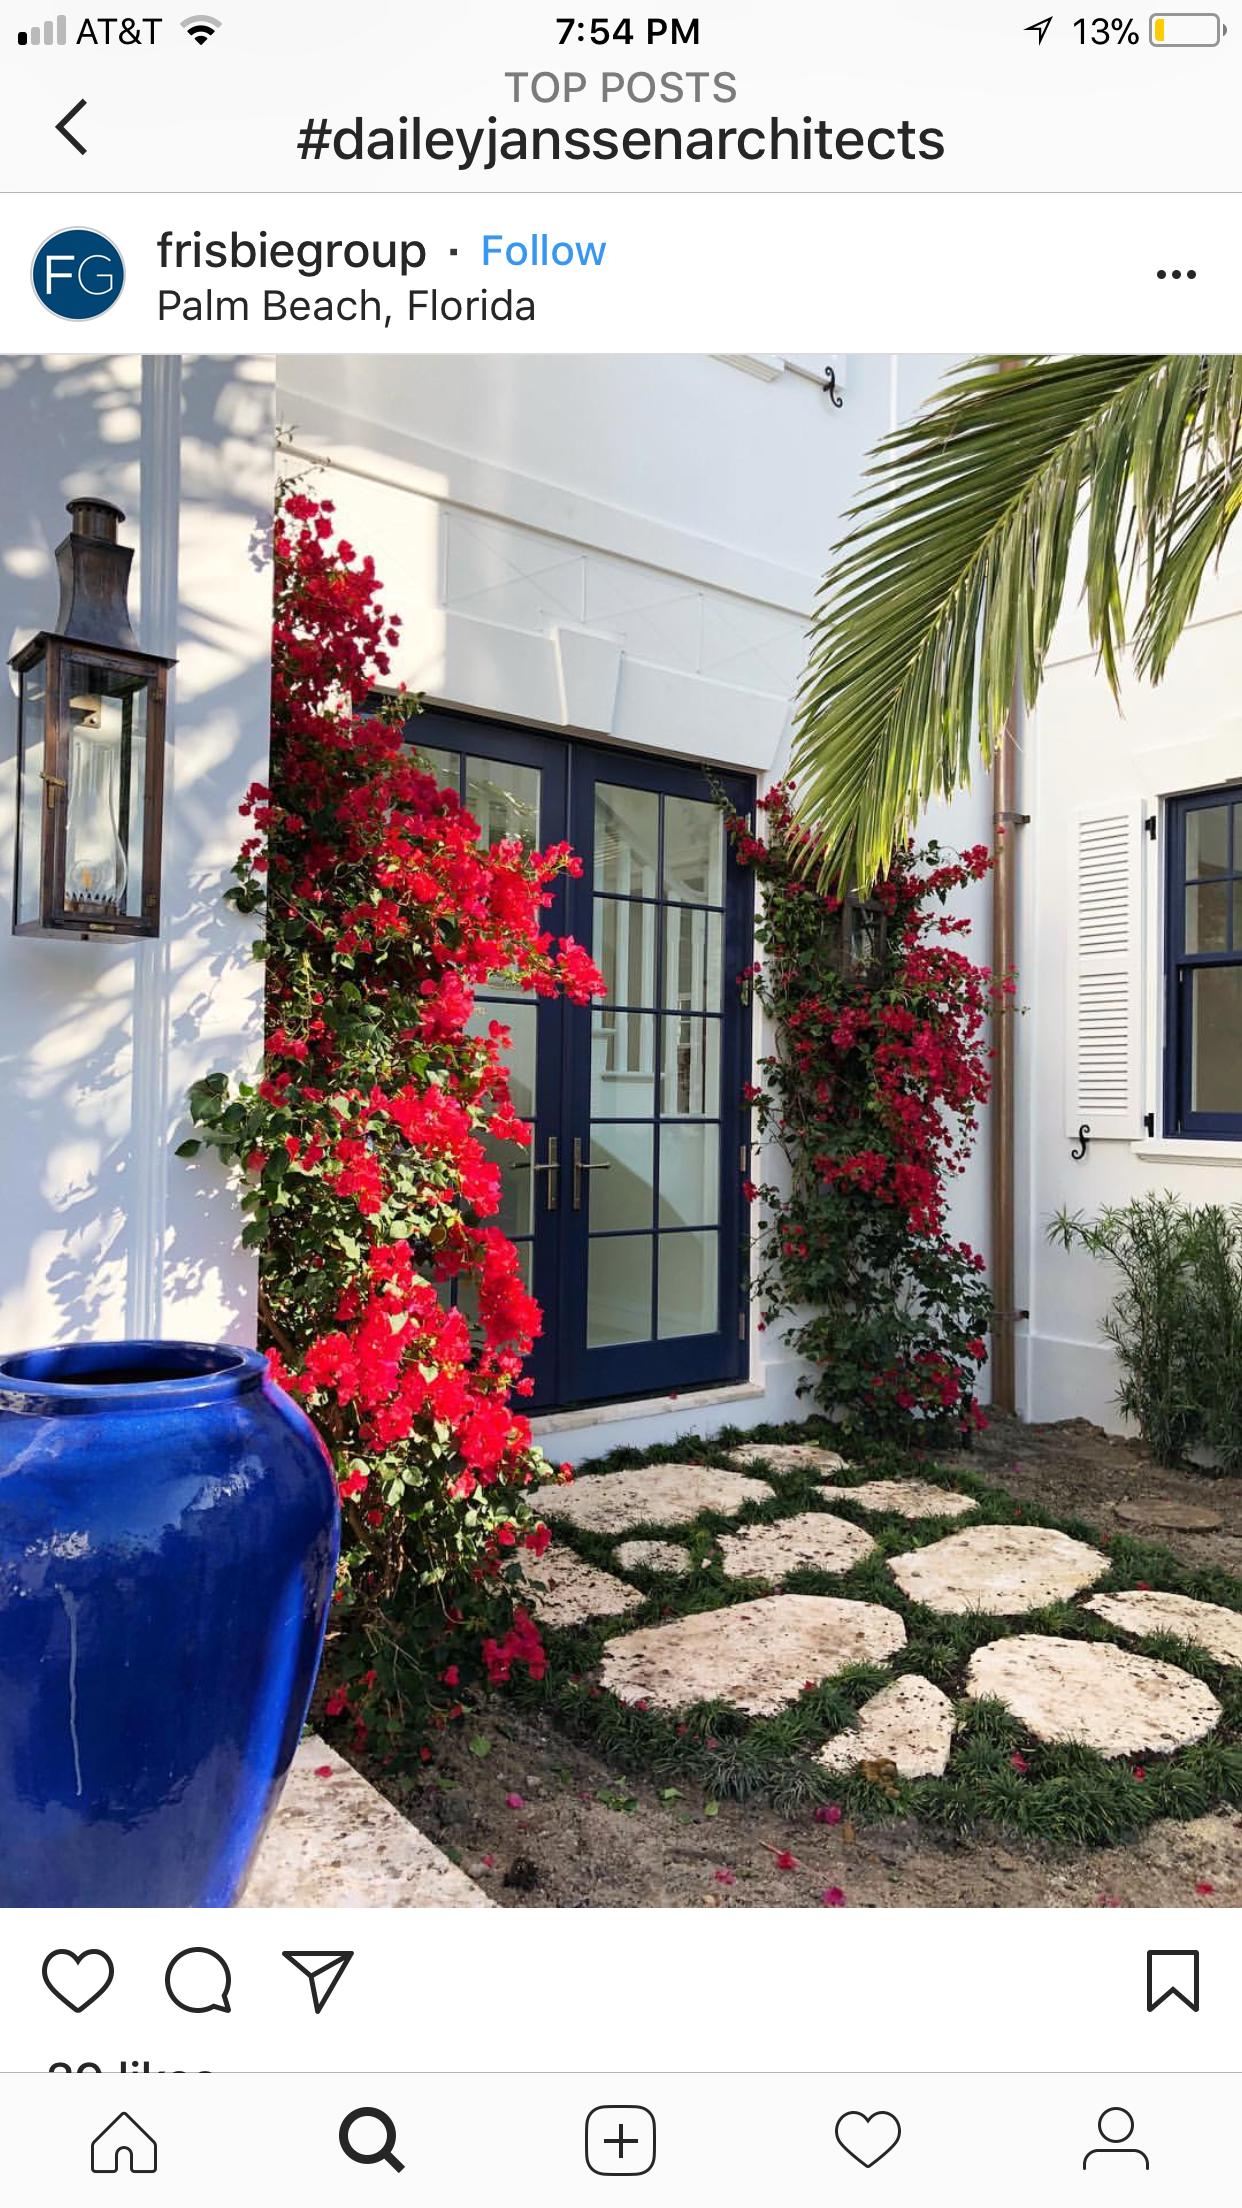 84841822c440d15d2b98f3563cf8287a - Carmine's Florist Palm Beach Gardens